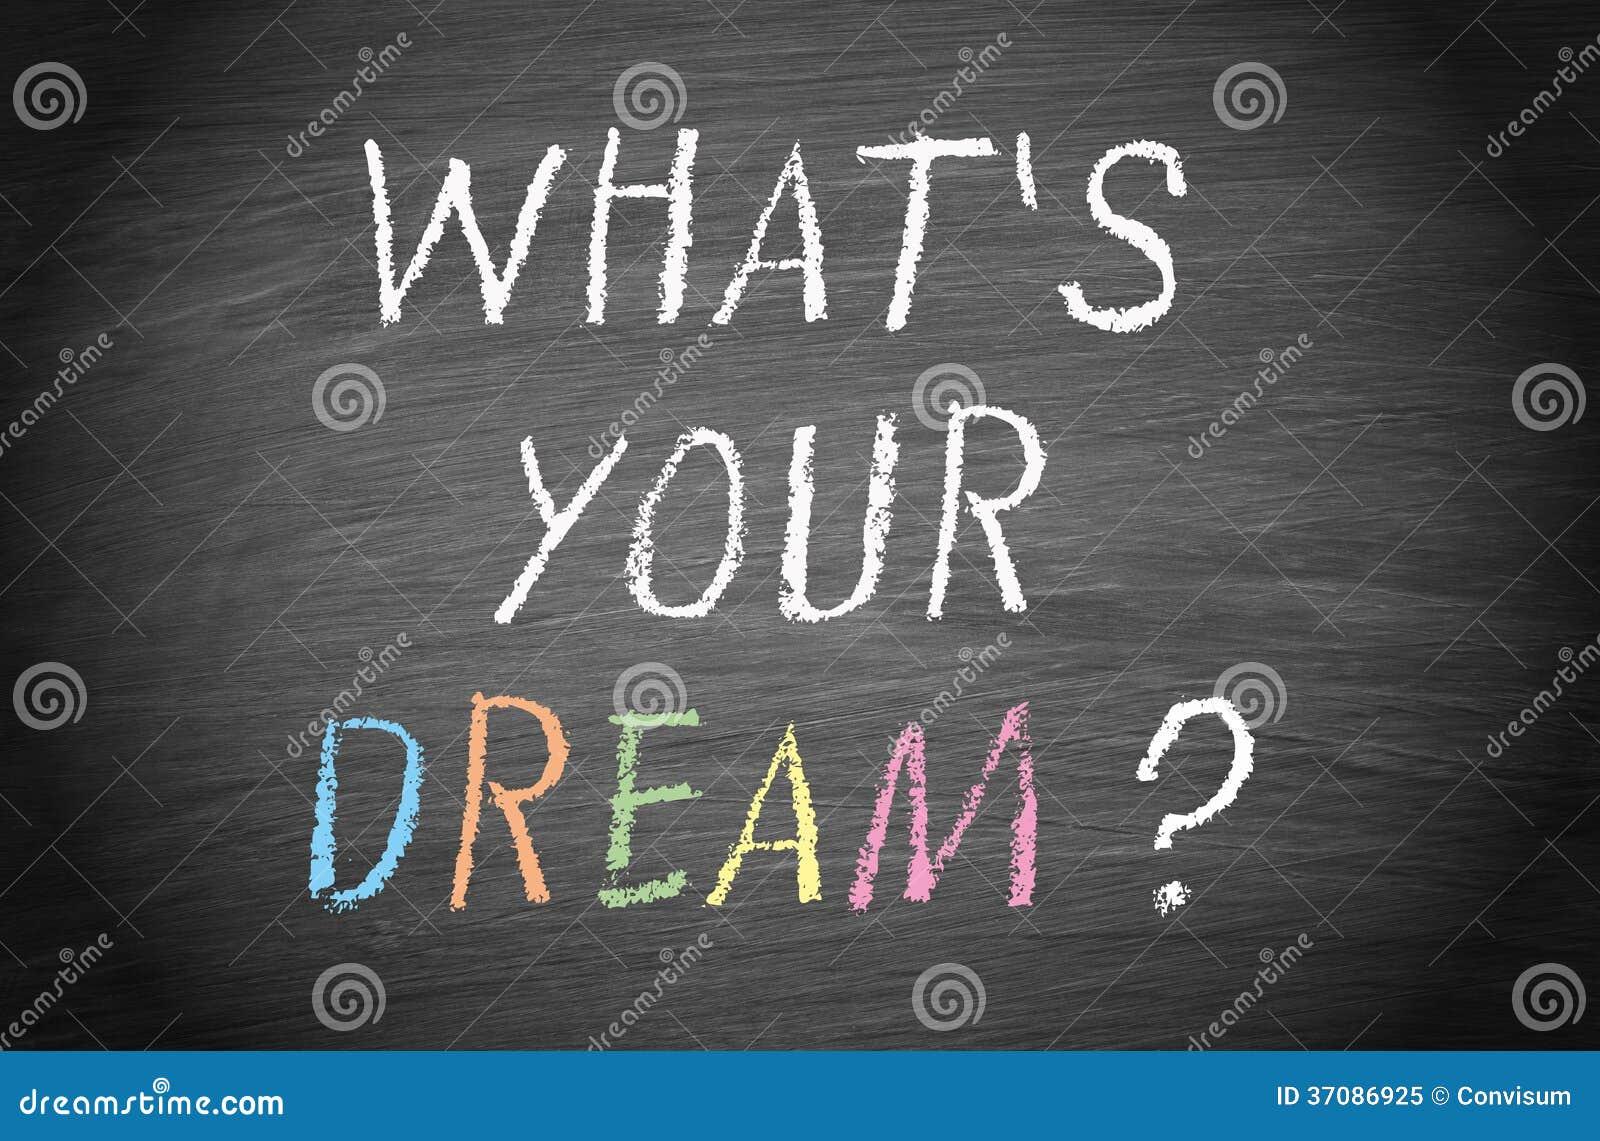 Was ist Ihr Traum?